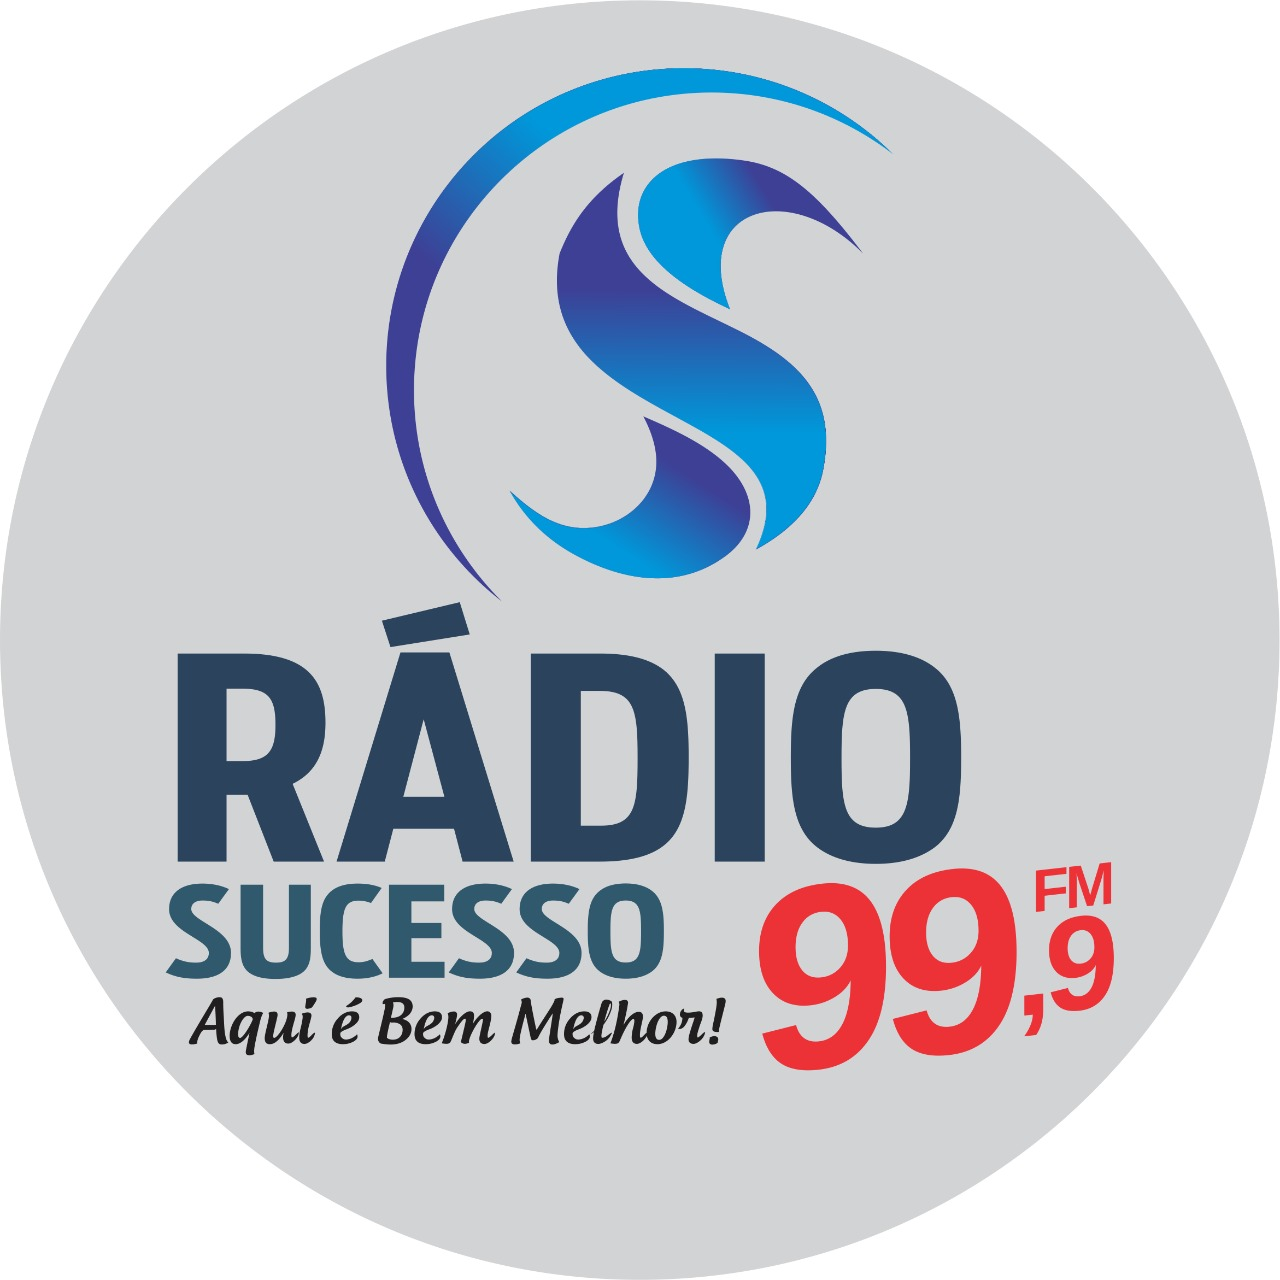 Rádio Sucesso de Caldas Novas 99,9 FM